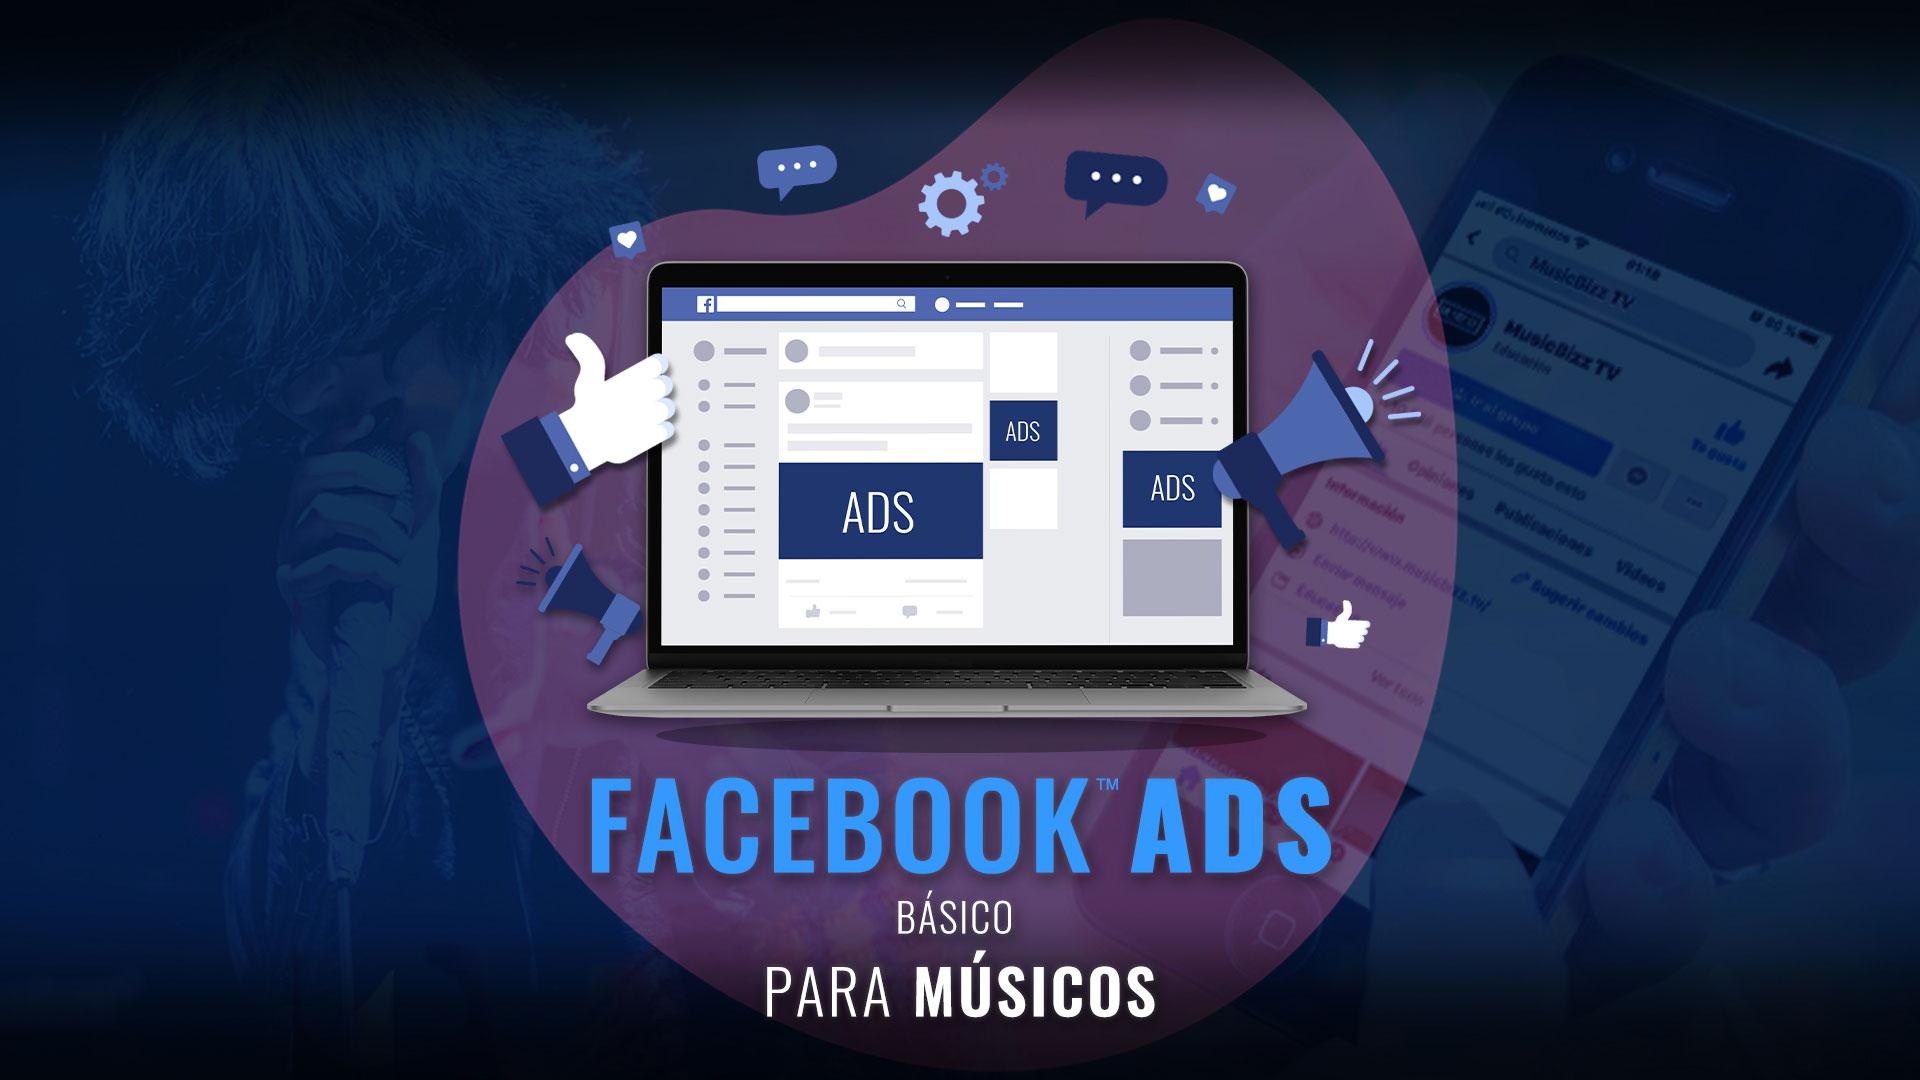 Facebook Ads para Músicos